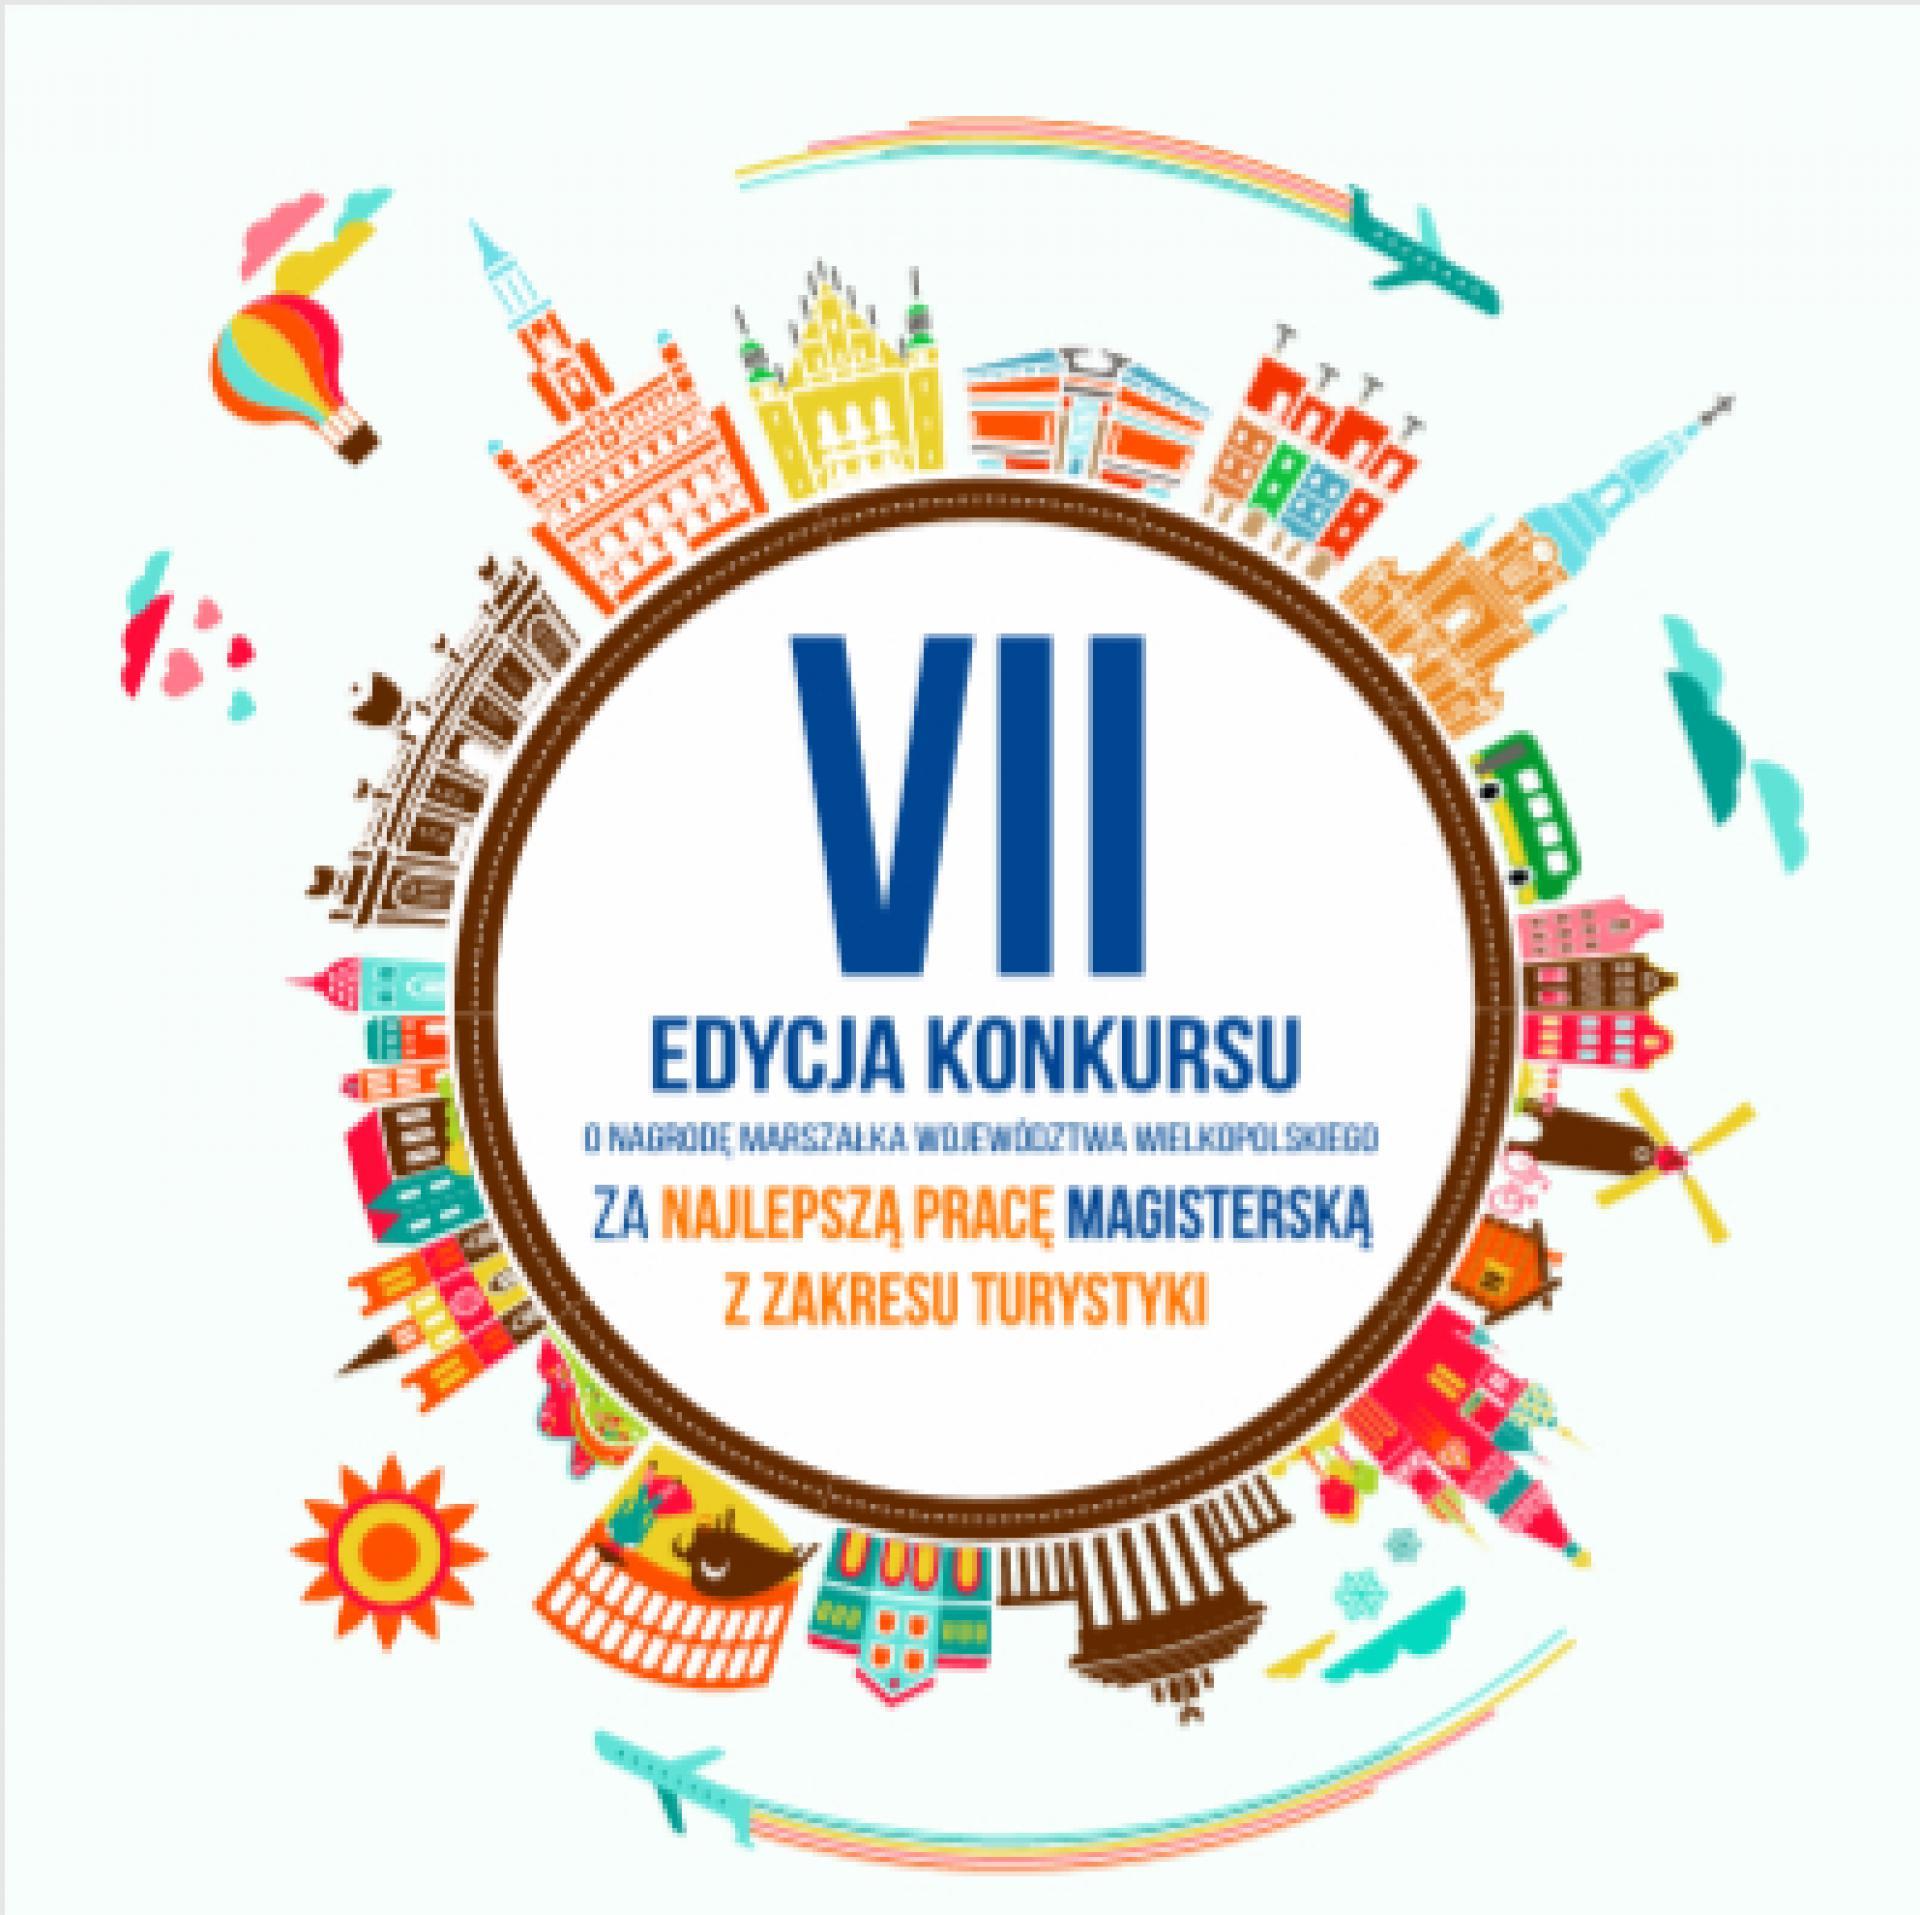 Ruszyła VII edycja konkursu o nagrodę Marszałka Województwa Wielkopolskiego za najlepszą pracę magisterską z zakresu turystyki - zobacz więcej